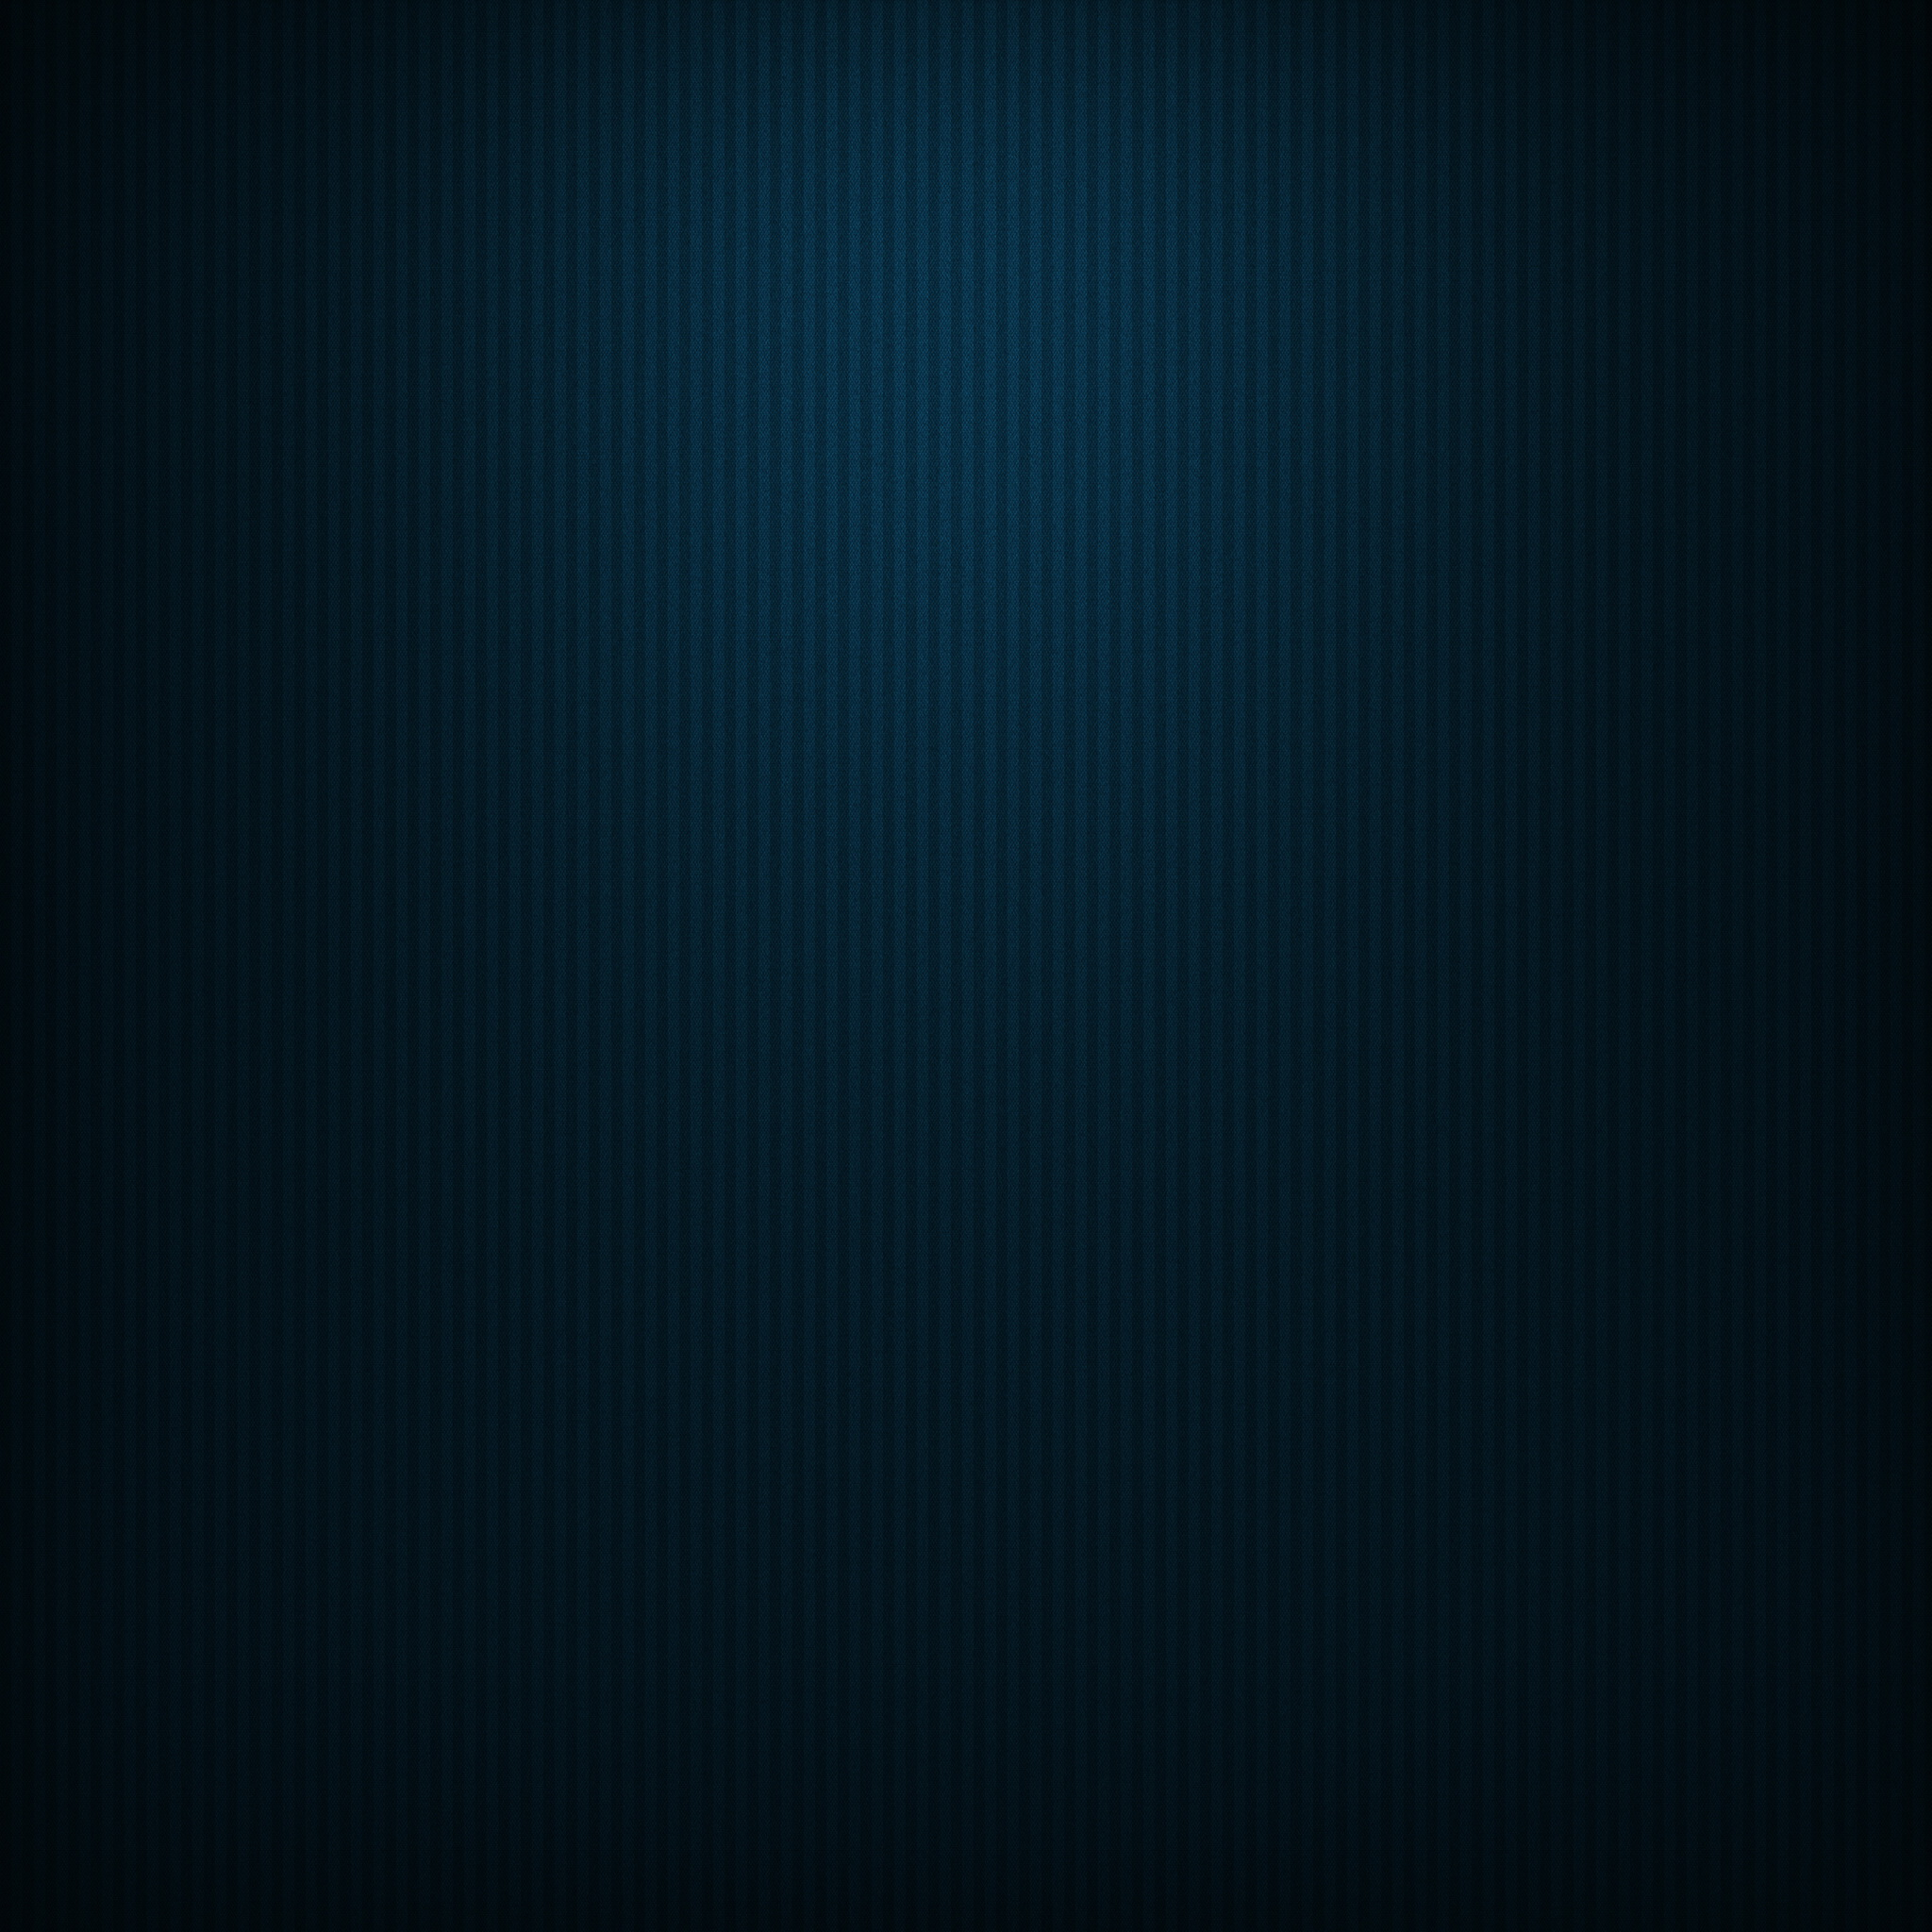 Apple iPad Mini Wallpaper HD New 73 Freetopwallpapercom 2048x2048